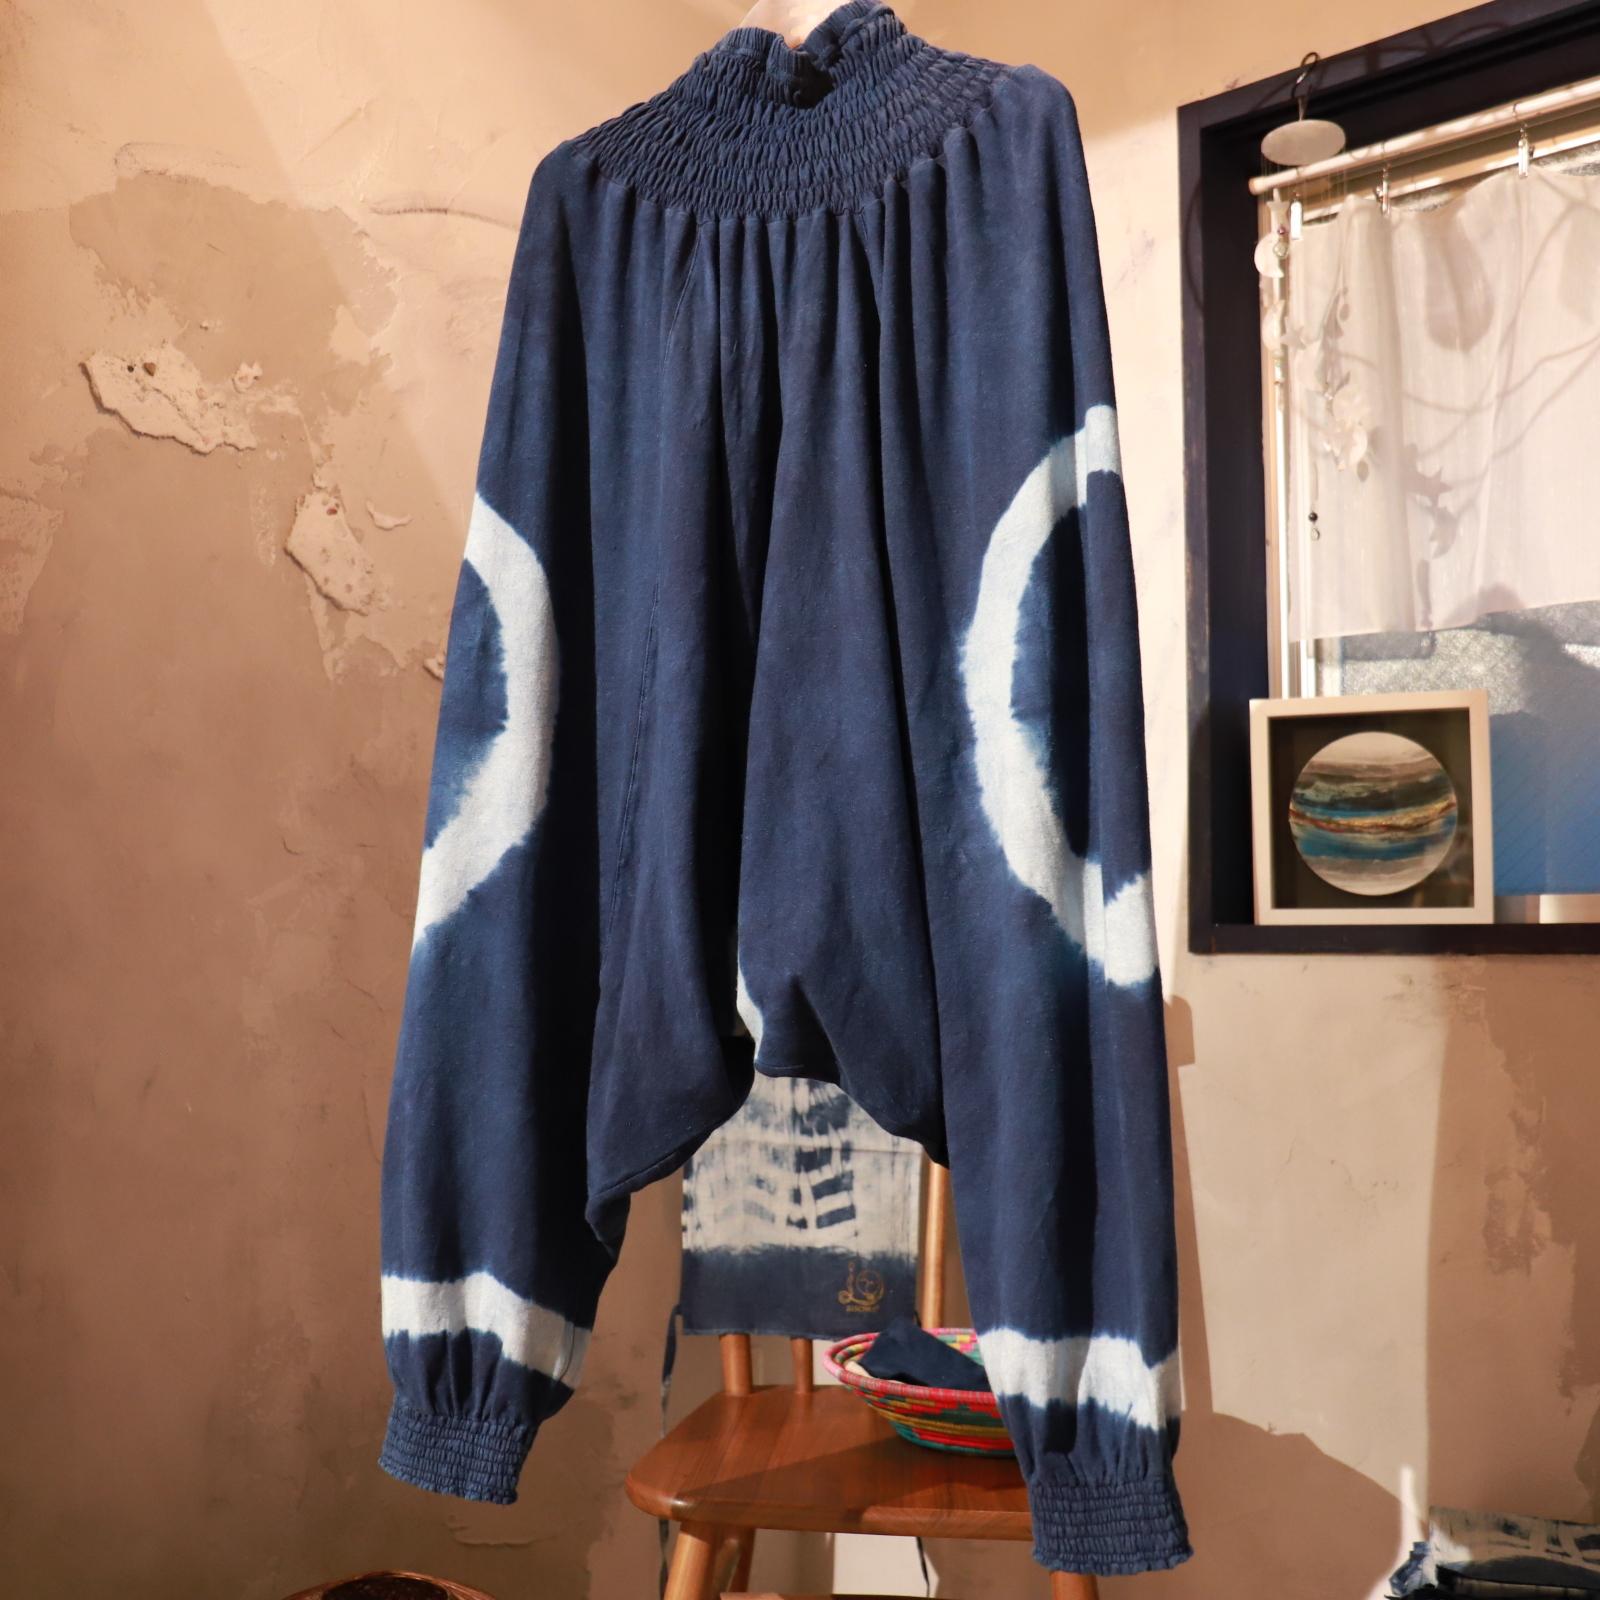 【予約販売受付中】∞Momonga pants∞ Hemp/Cotton/Linen